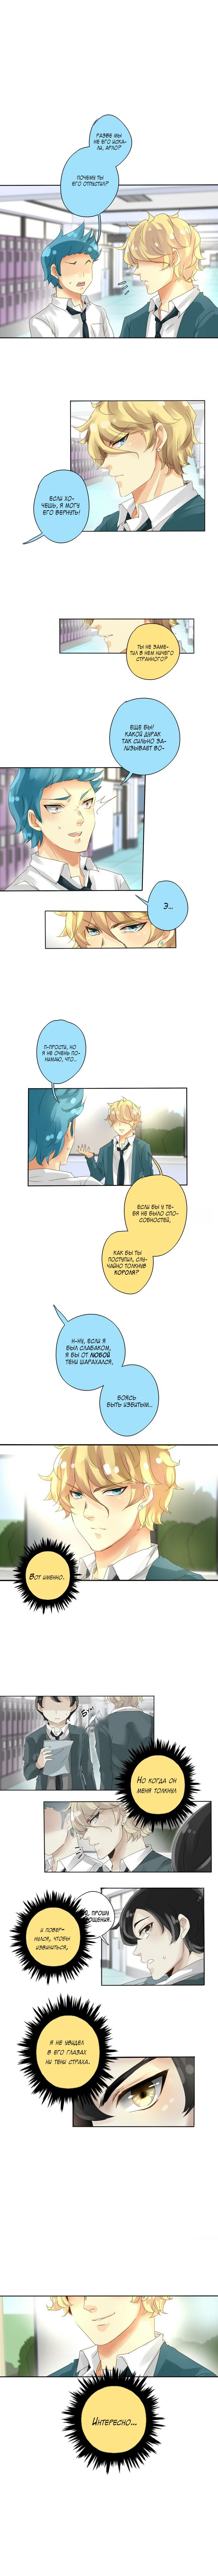 Манга неОРДИНАРНЫЕ / unORDINARY  - Том 1 Глава 19 Страница 1